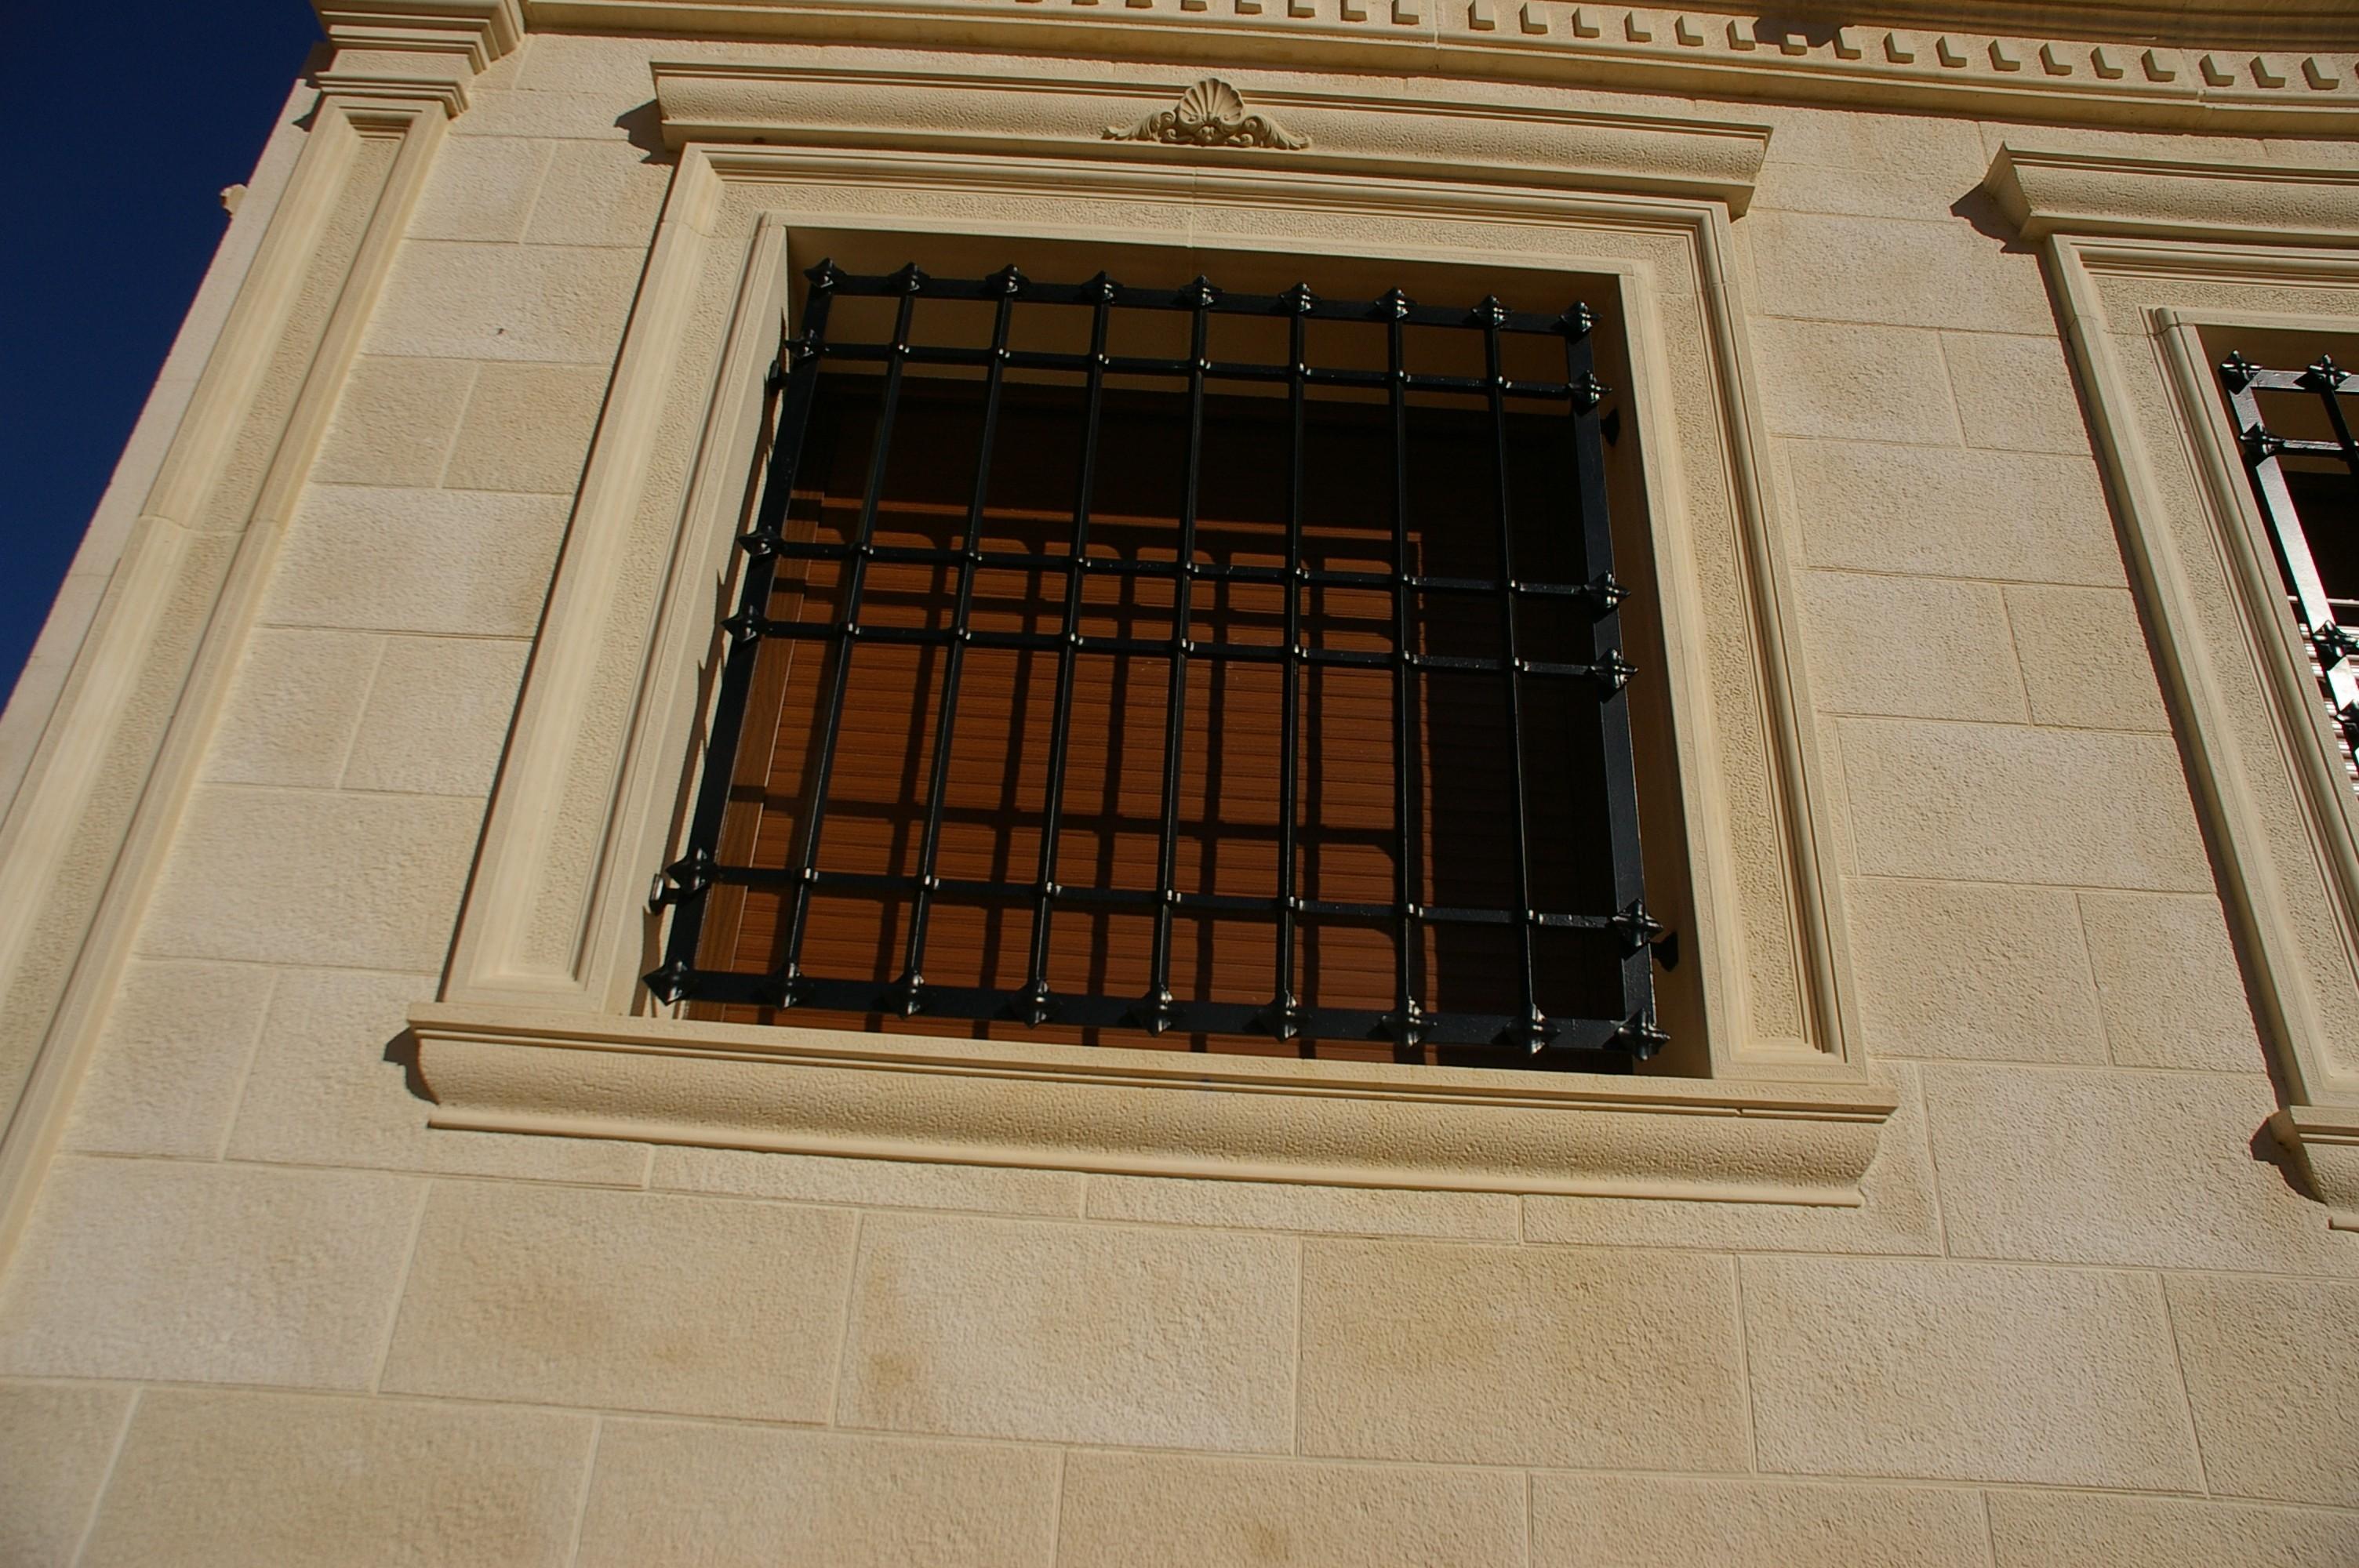 Pin molduras yeso para techos ajilbabcom portal on pinterest - Molduras de poliuretano ...